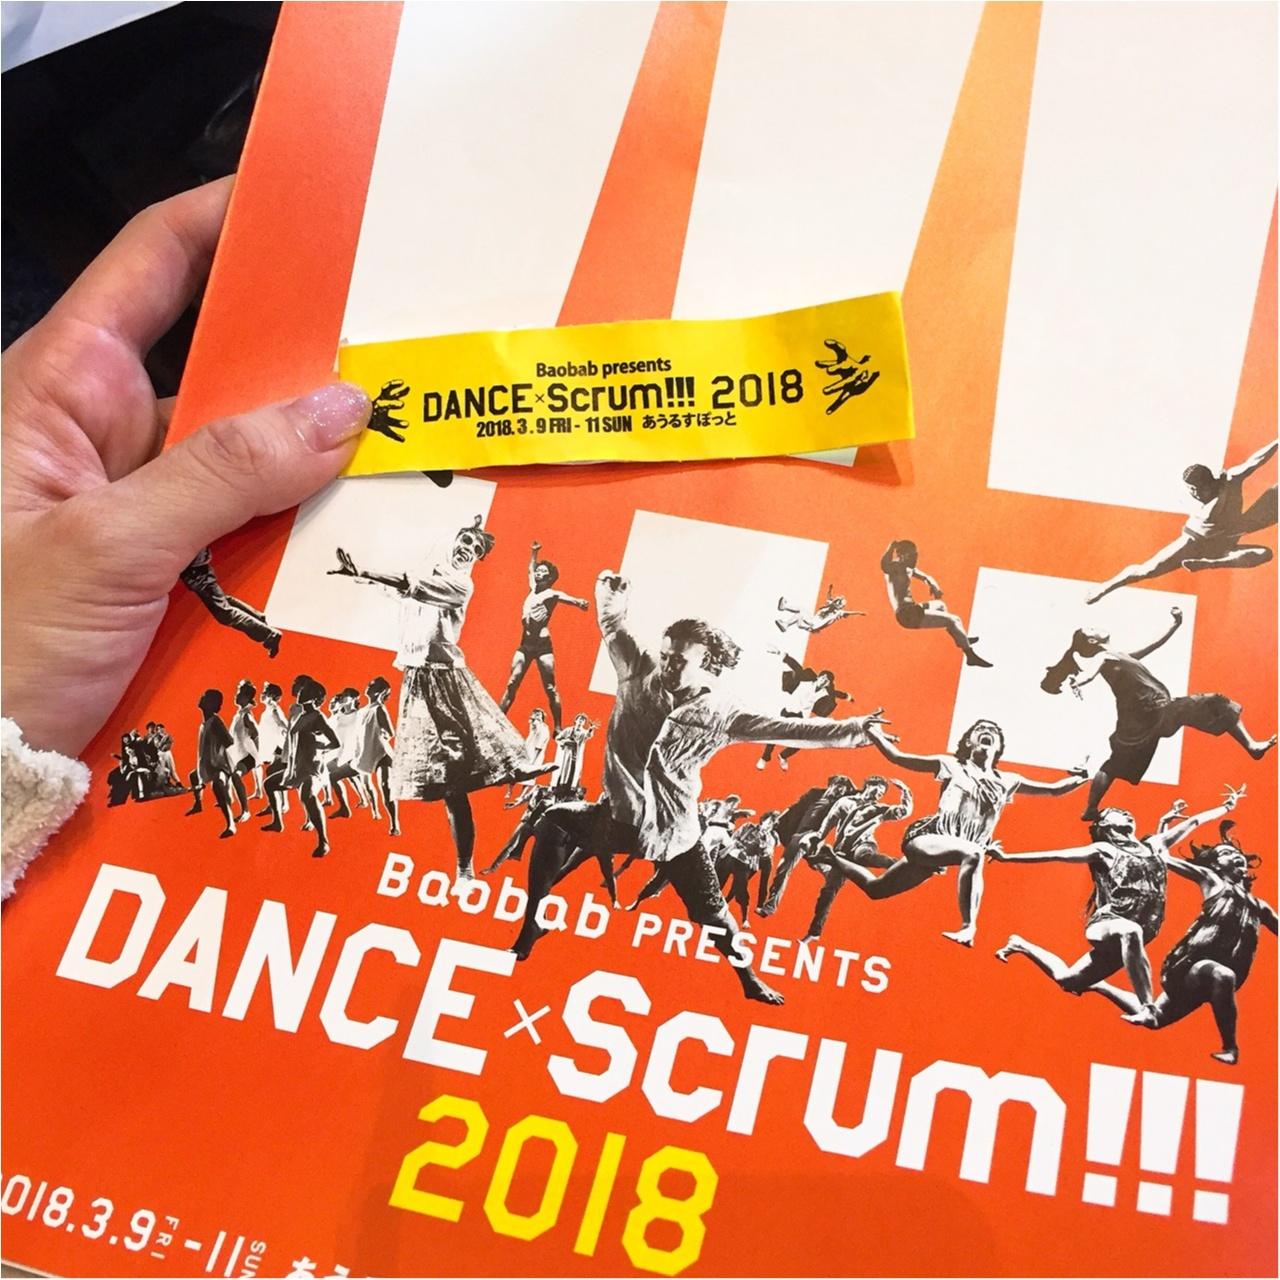 """3つの観""""踊""""スタイルが気になる!!【DANCE×Scrum!!!2018】に行ってきました_5"""